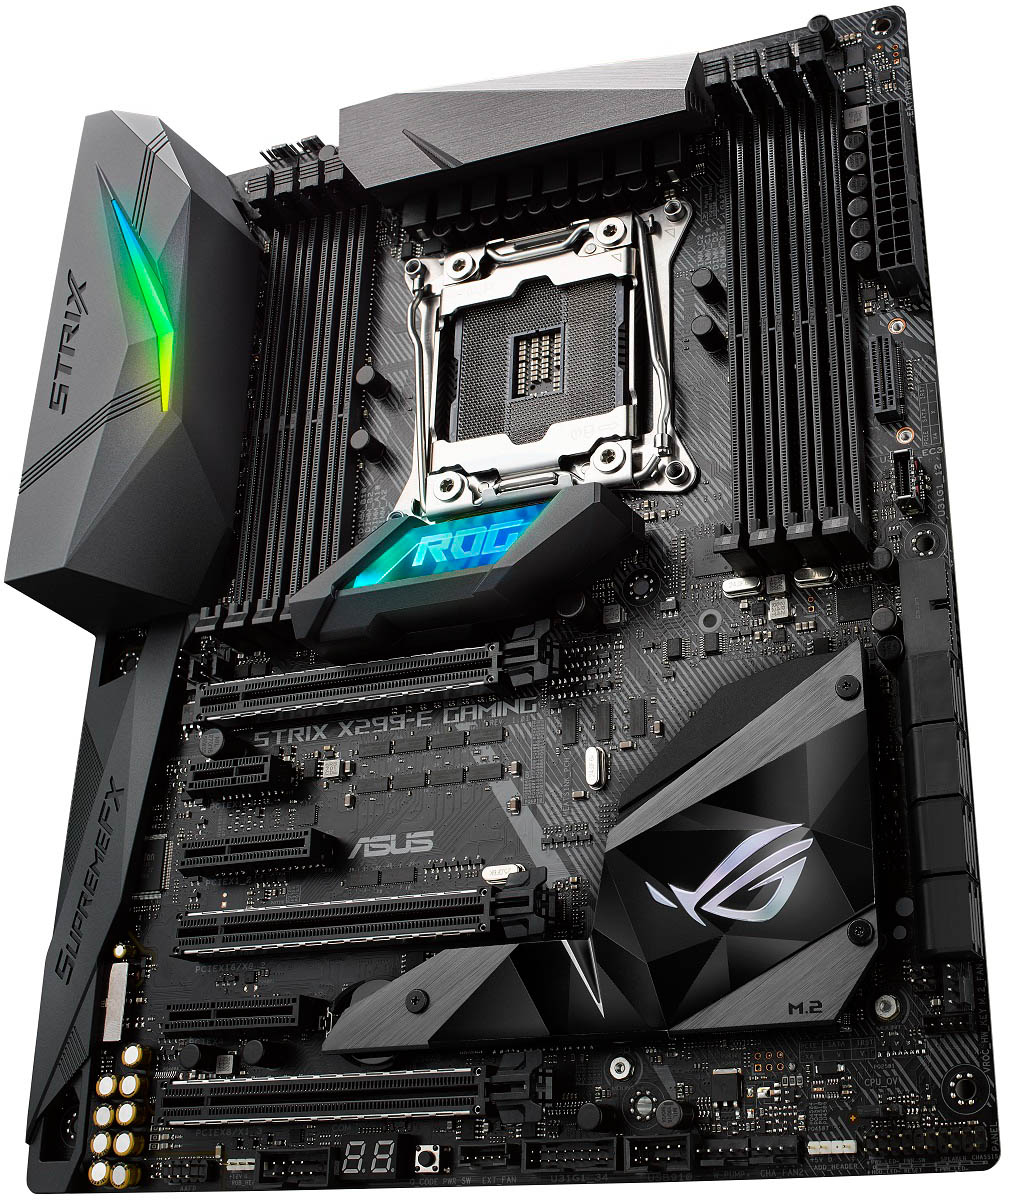 ASUS ROG X299 Motherboard